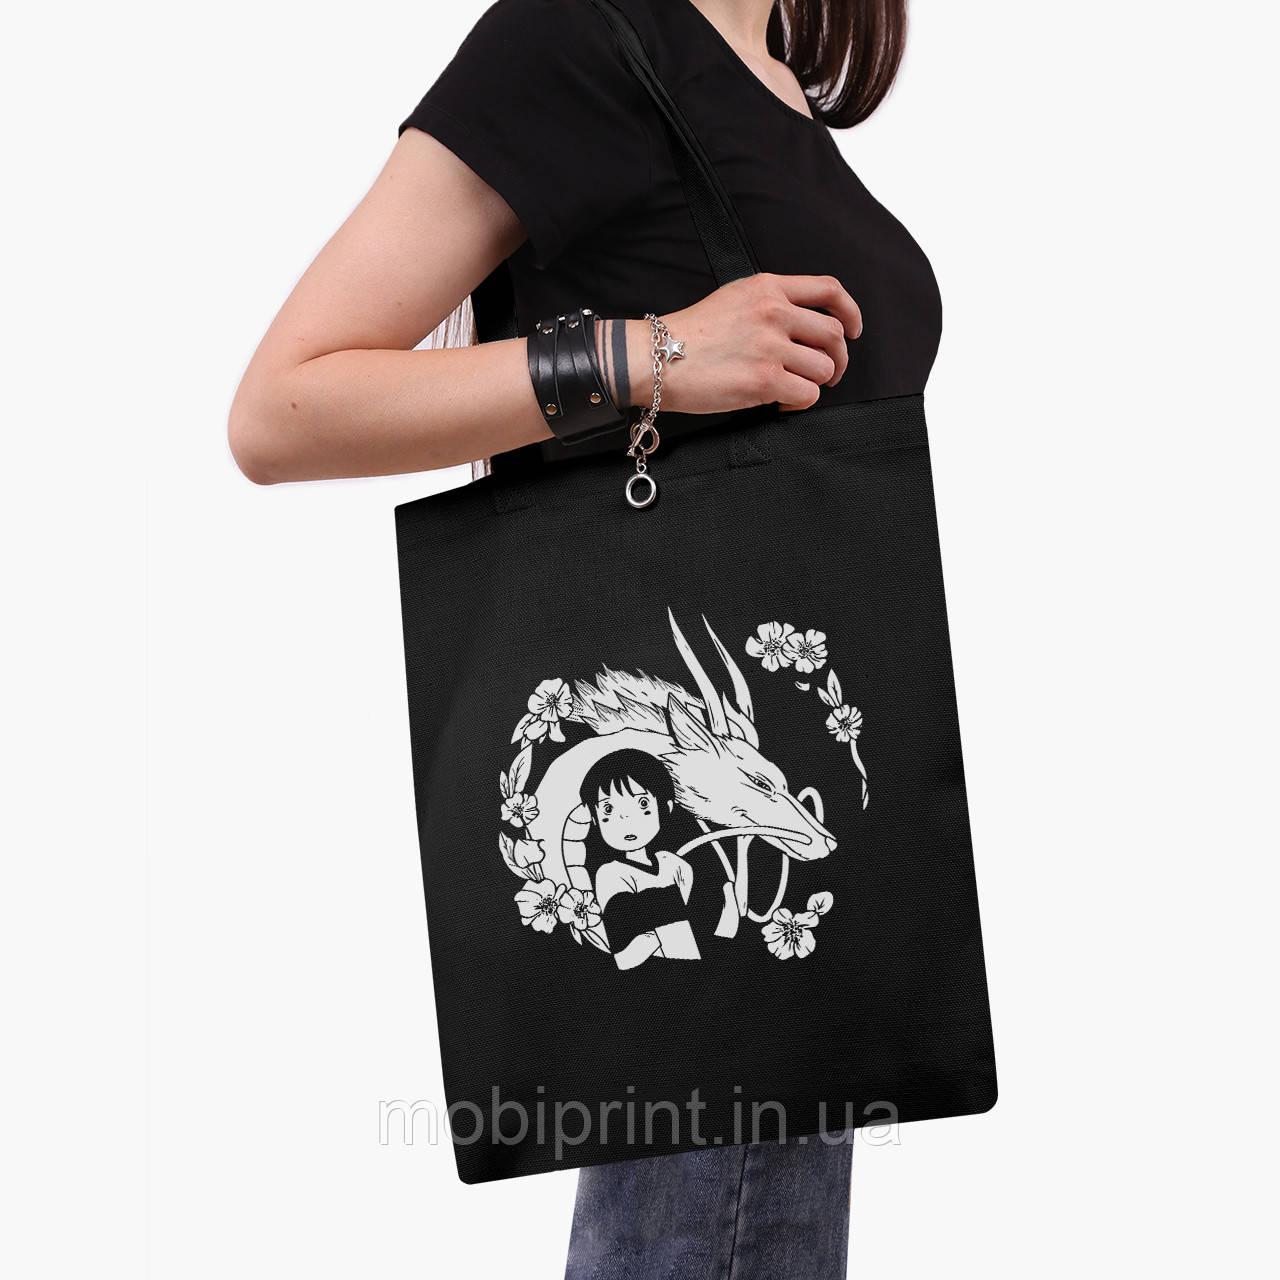 Еко сумка шоппер чорна Тихиро Огино Сен і Хаку Віднесені примарами (Spirited Away) (9227-2647-2) 41*35 см